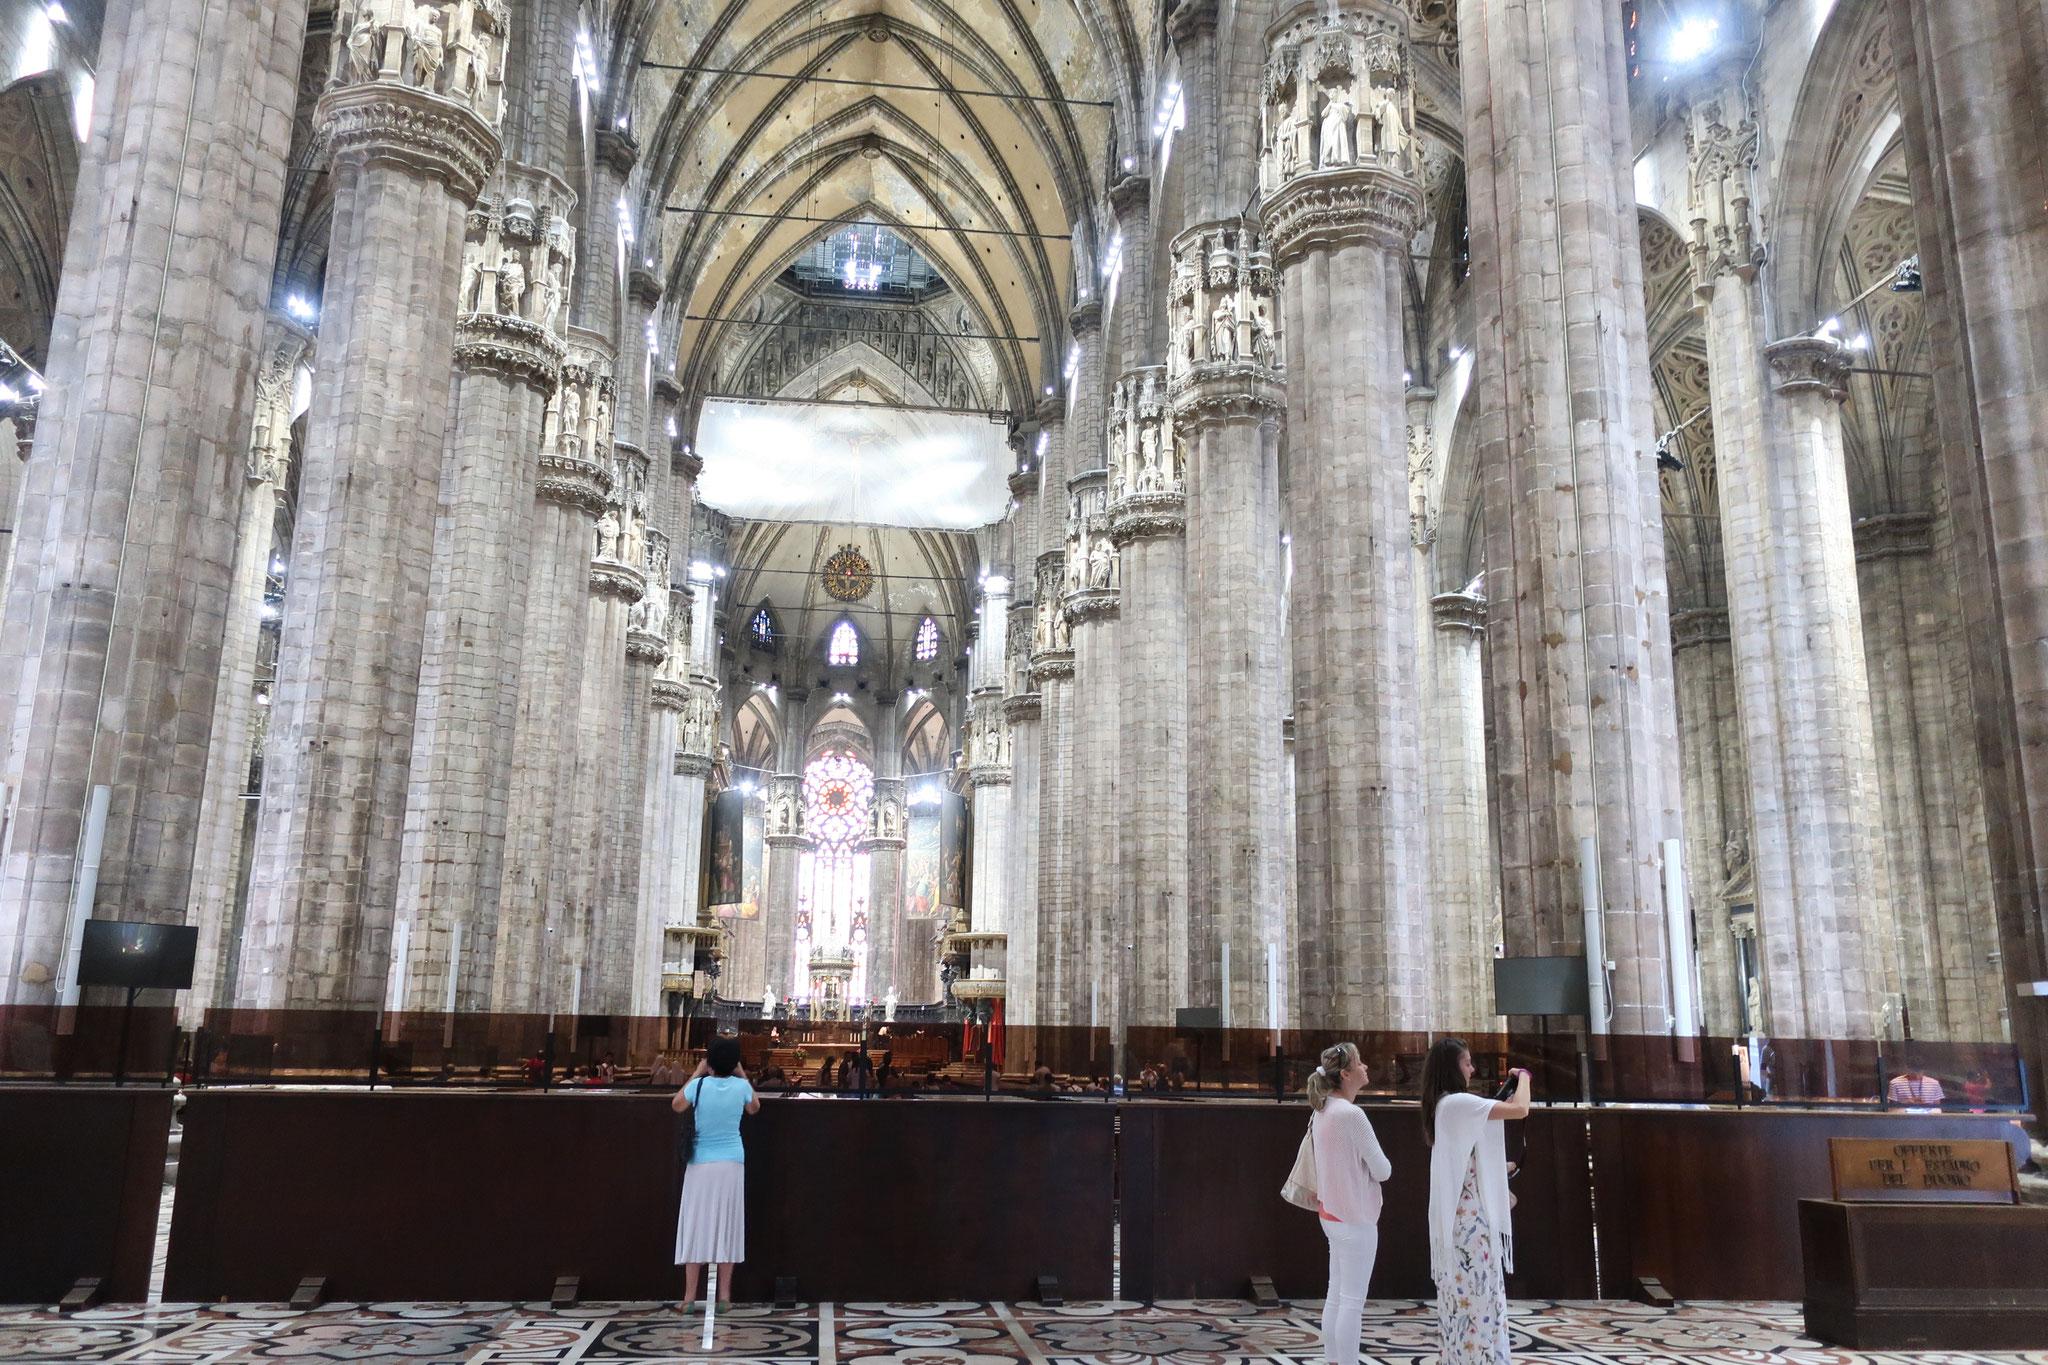 ビックリするほど太い石の柱が天井を支える荘厳な空間が広がります。